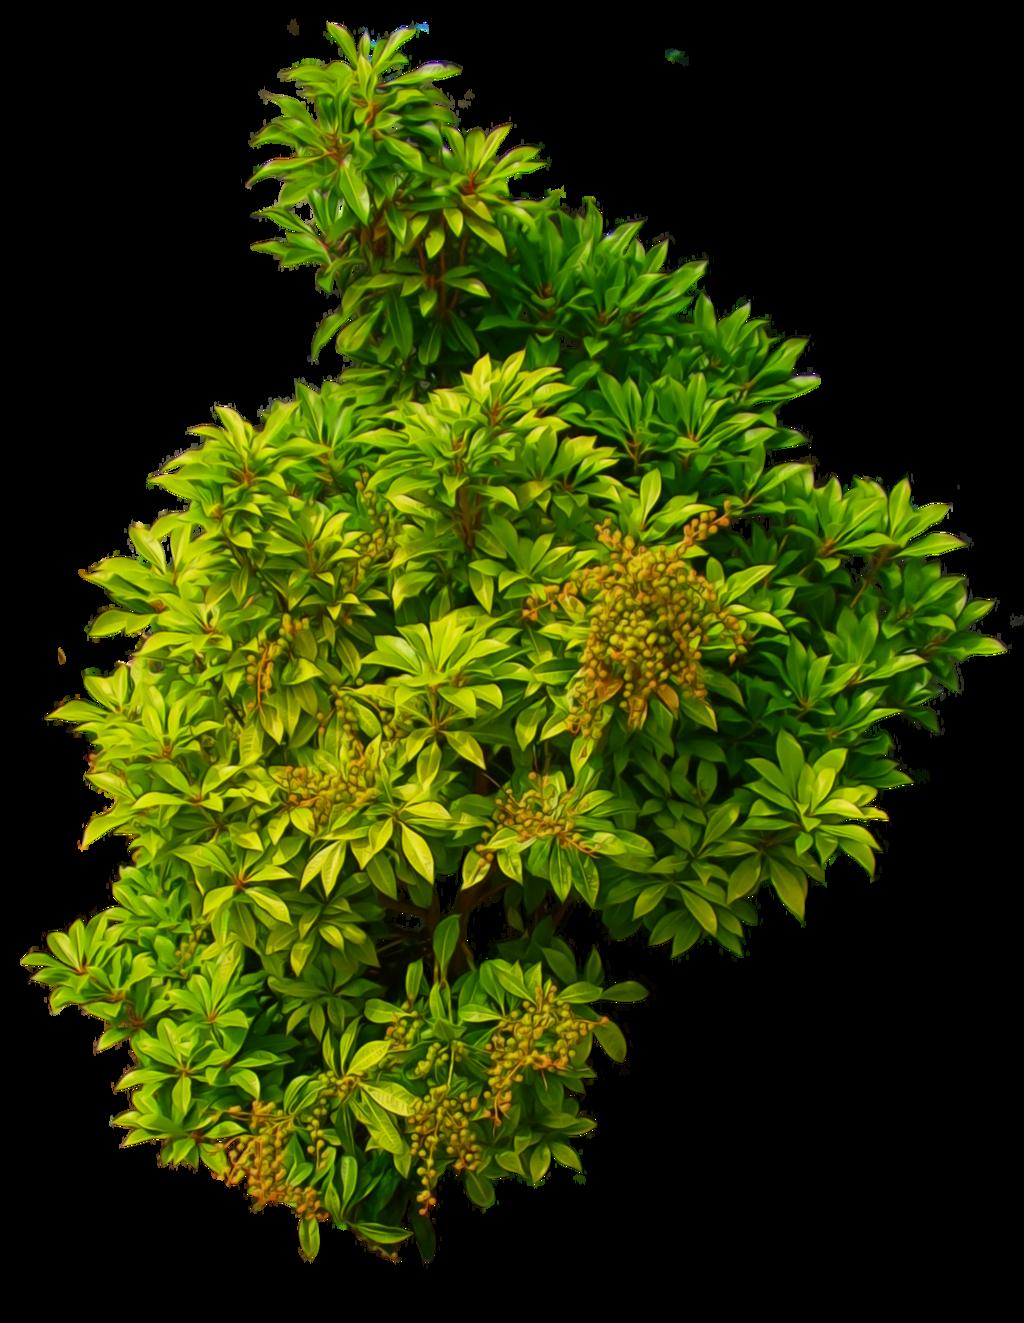 Flower plant png. Bushes clipart desert shrub